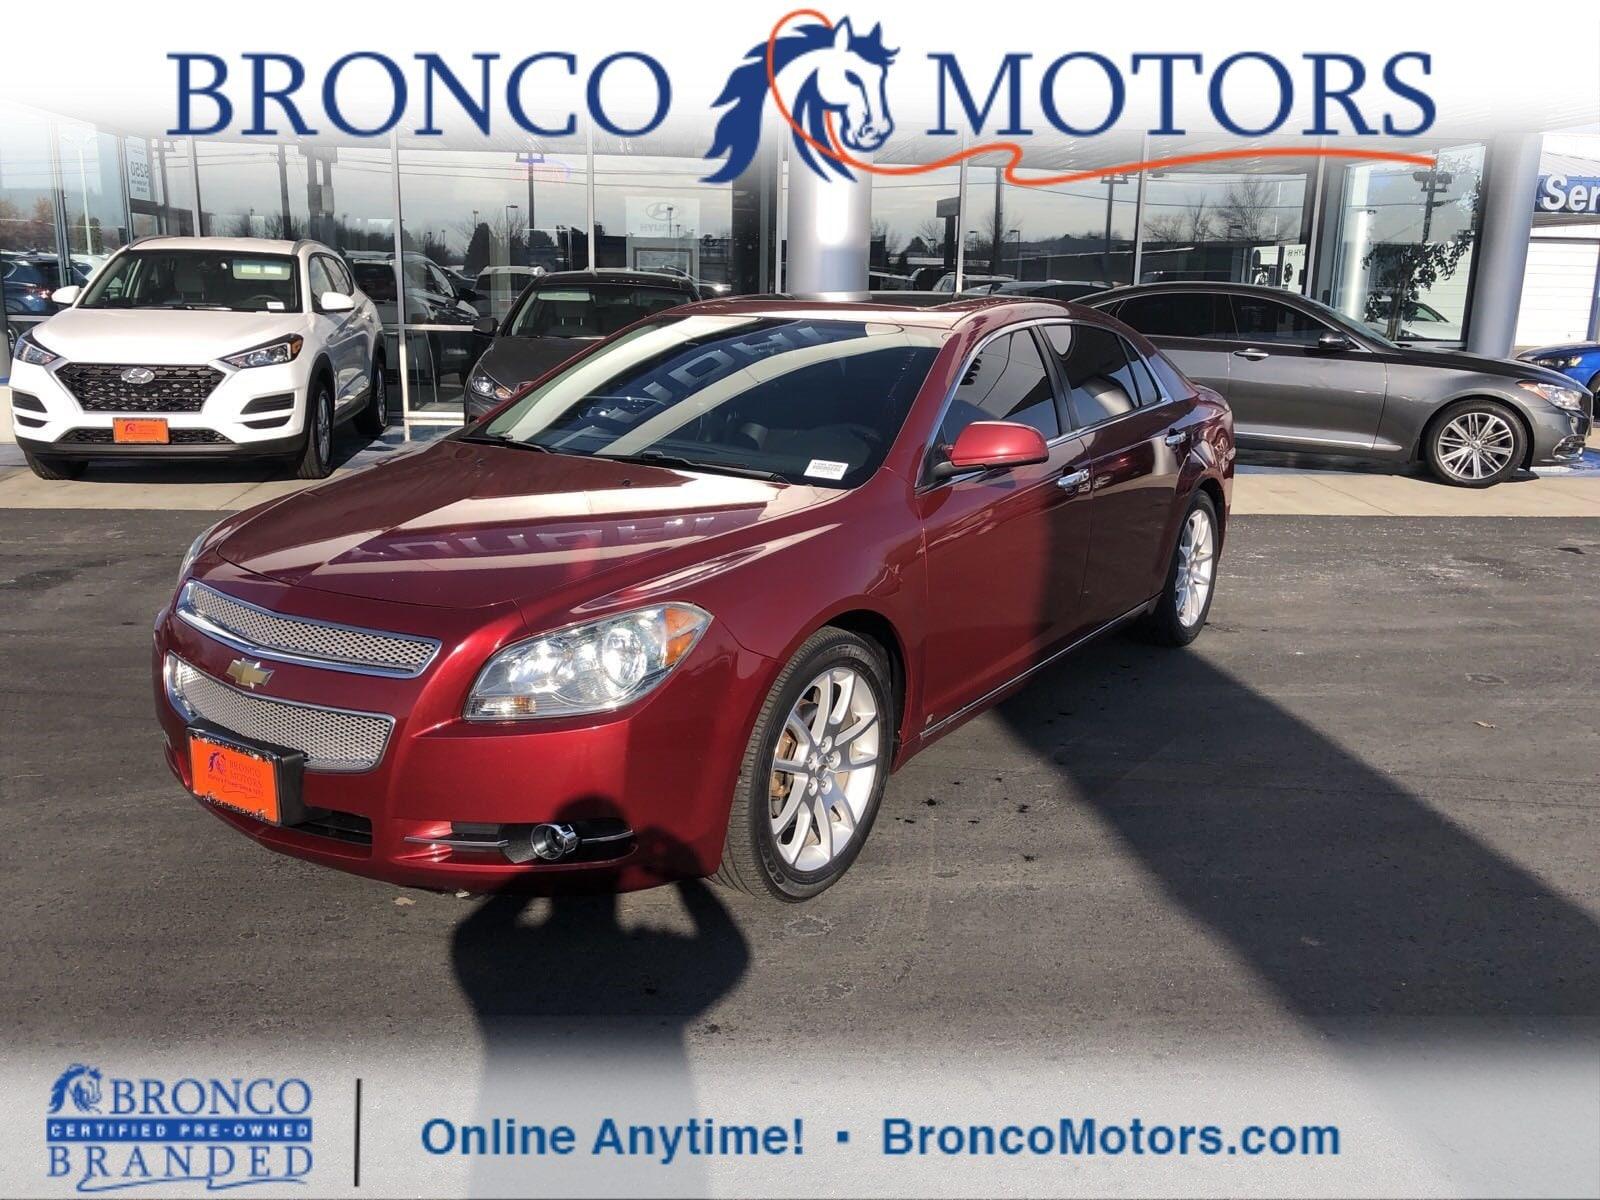 Bronco Motors HyundaiBoiseID